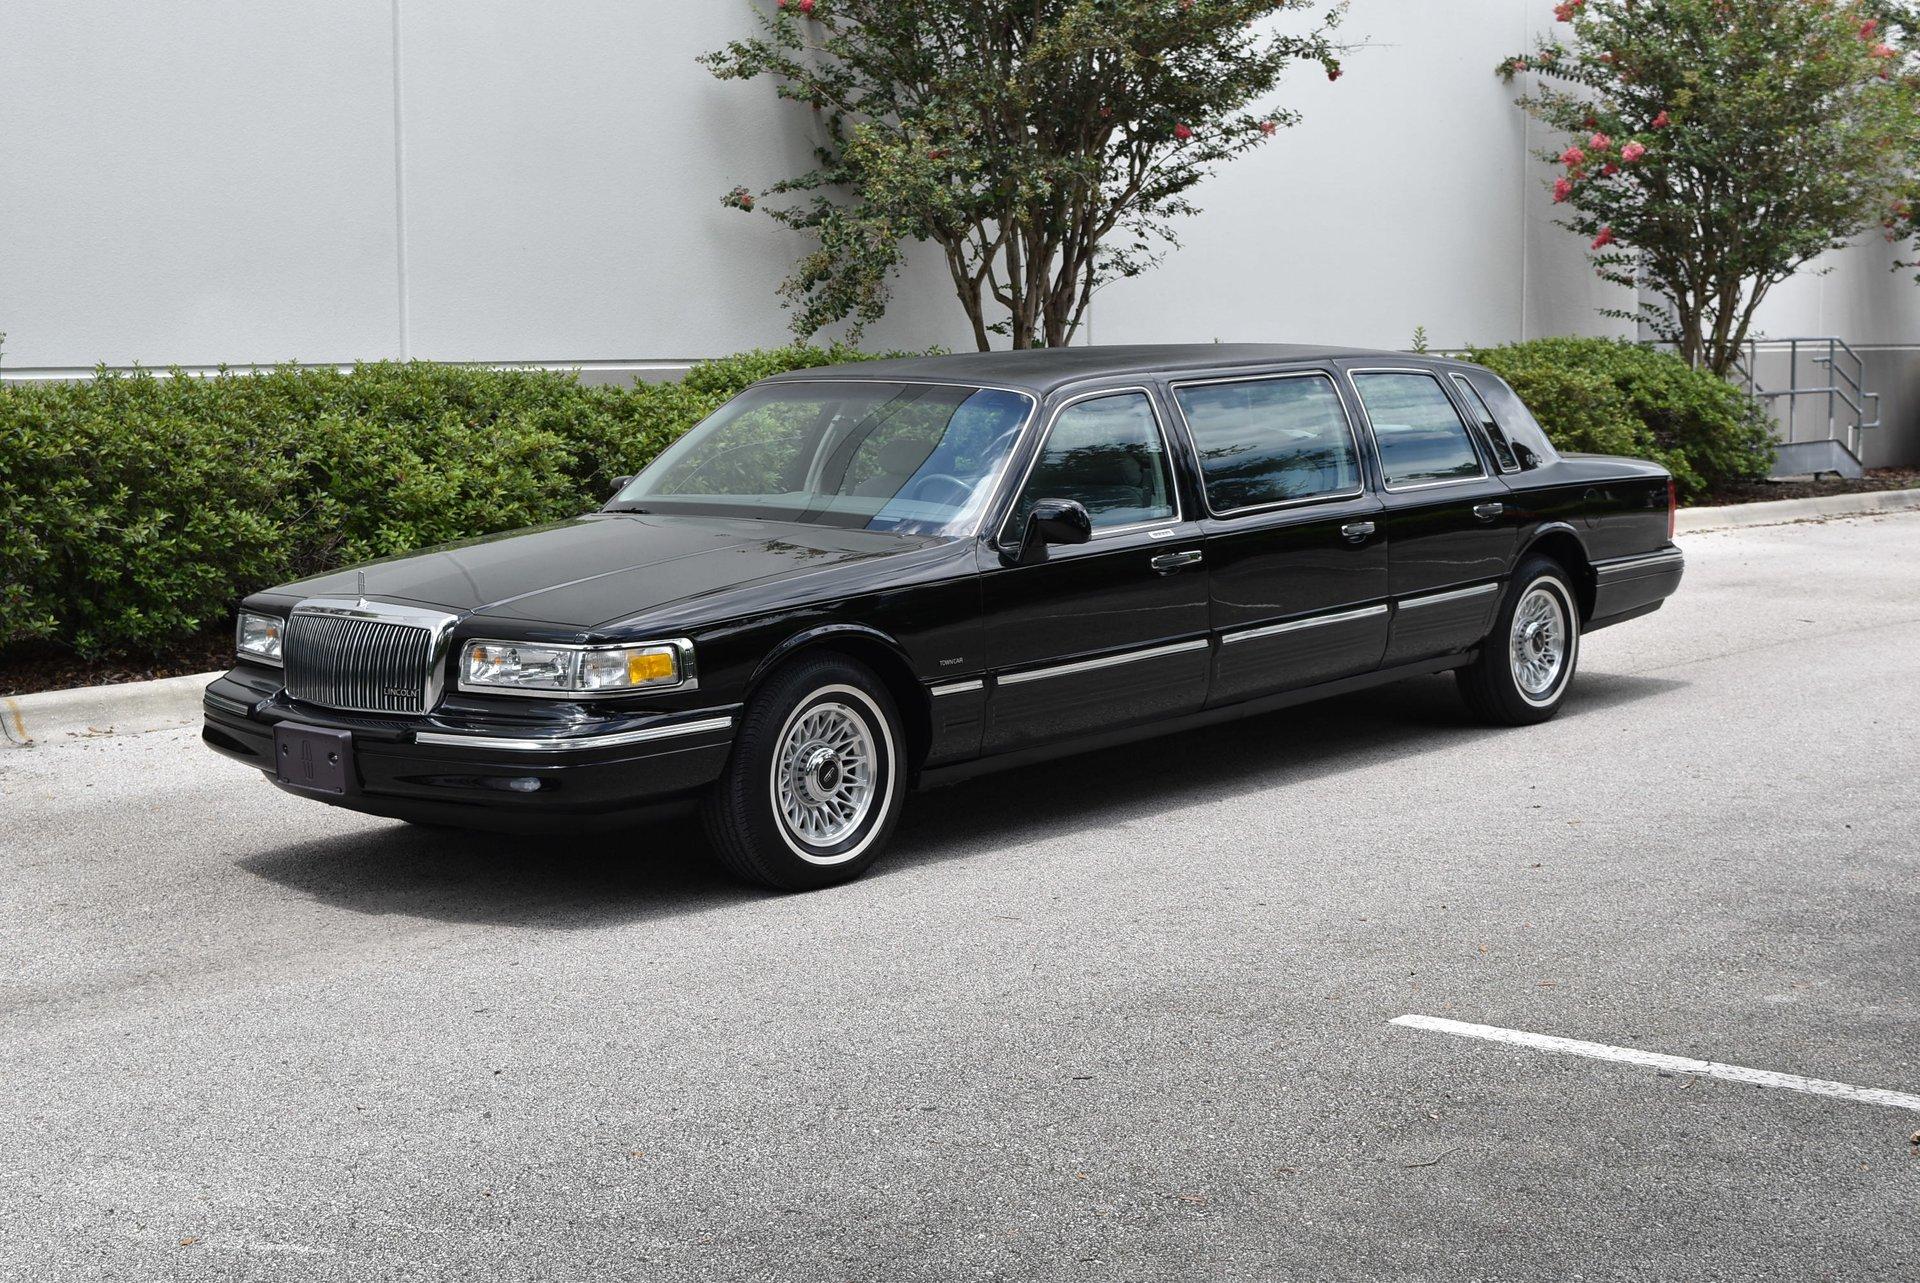 1997 Lincoln Limousine